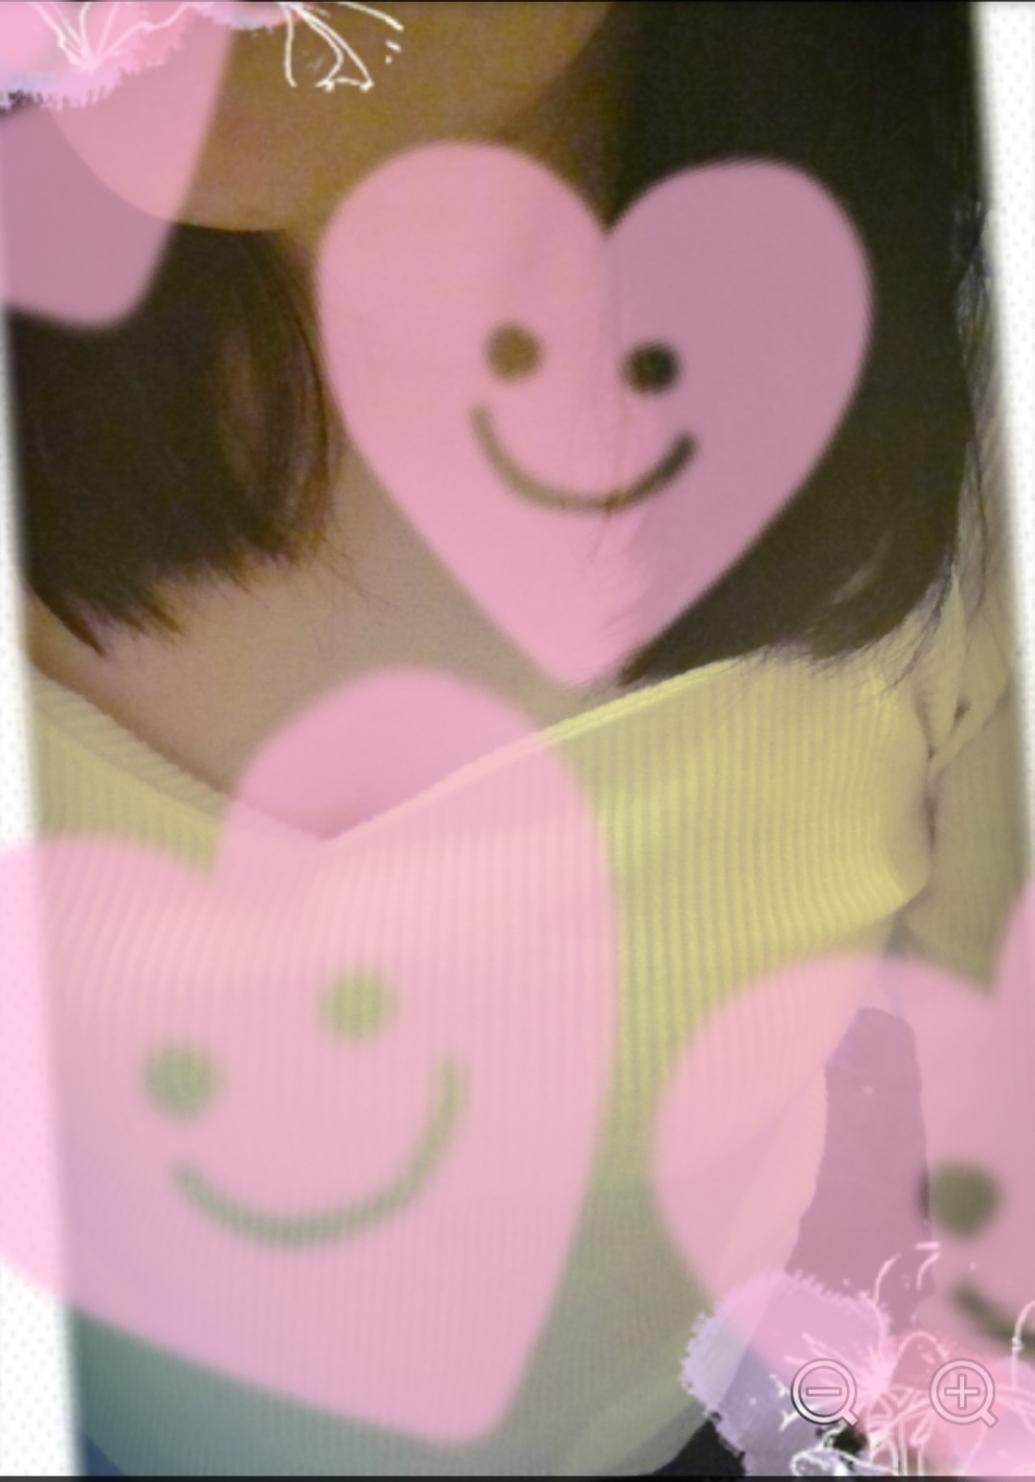 「今日も」12/14(金) 20:21 | しずくの写メ・風俗動画